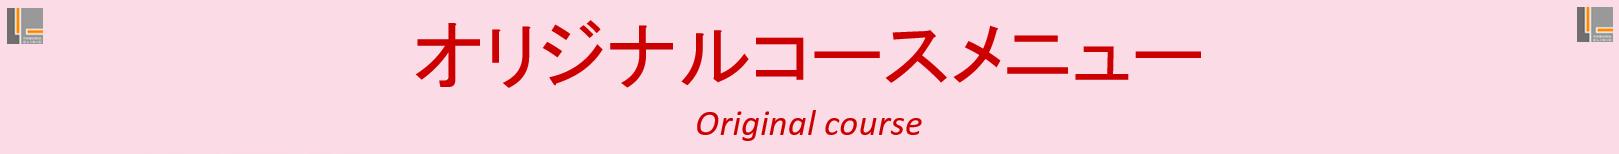 original course